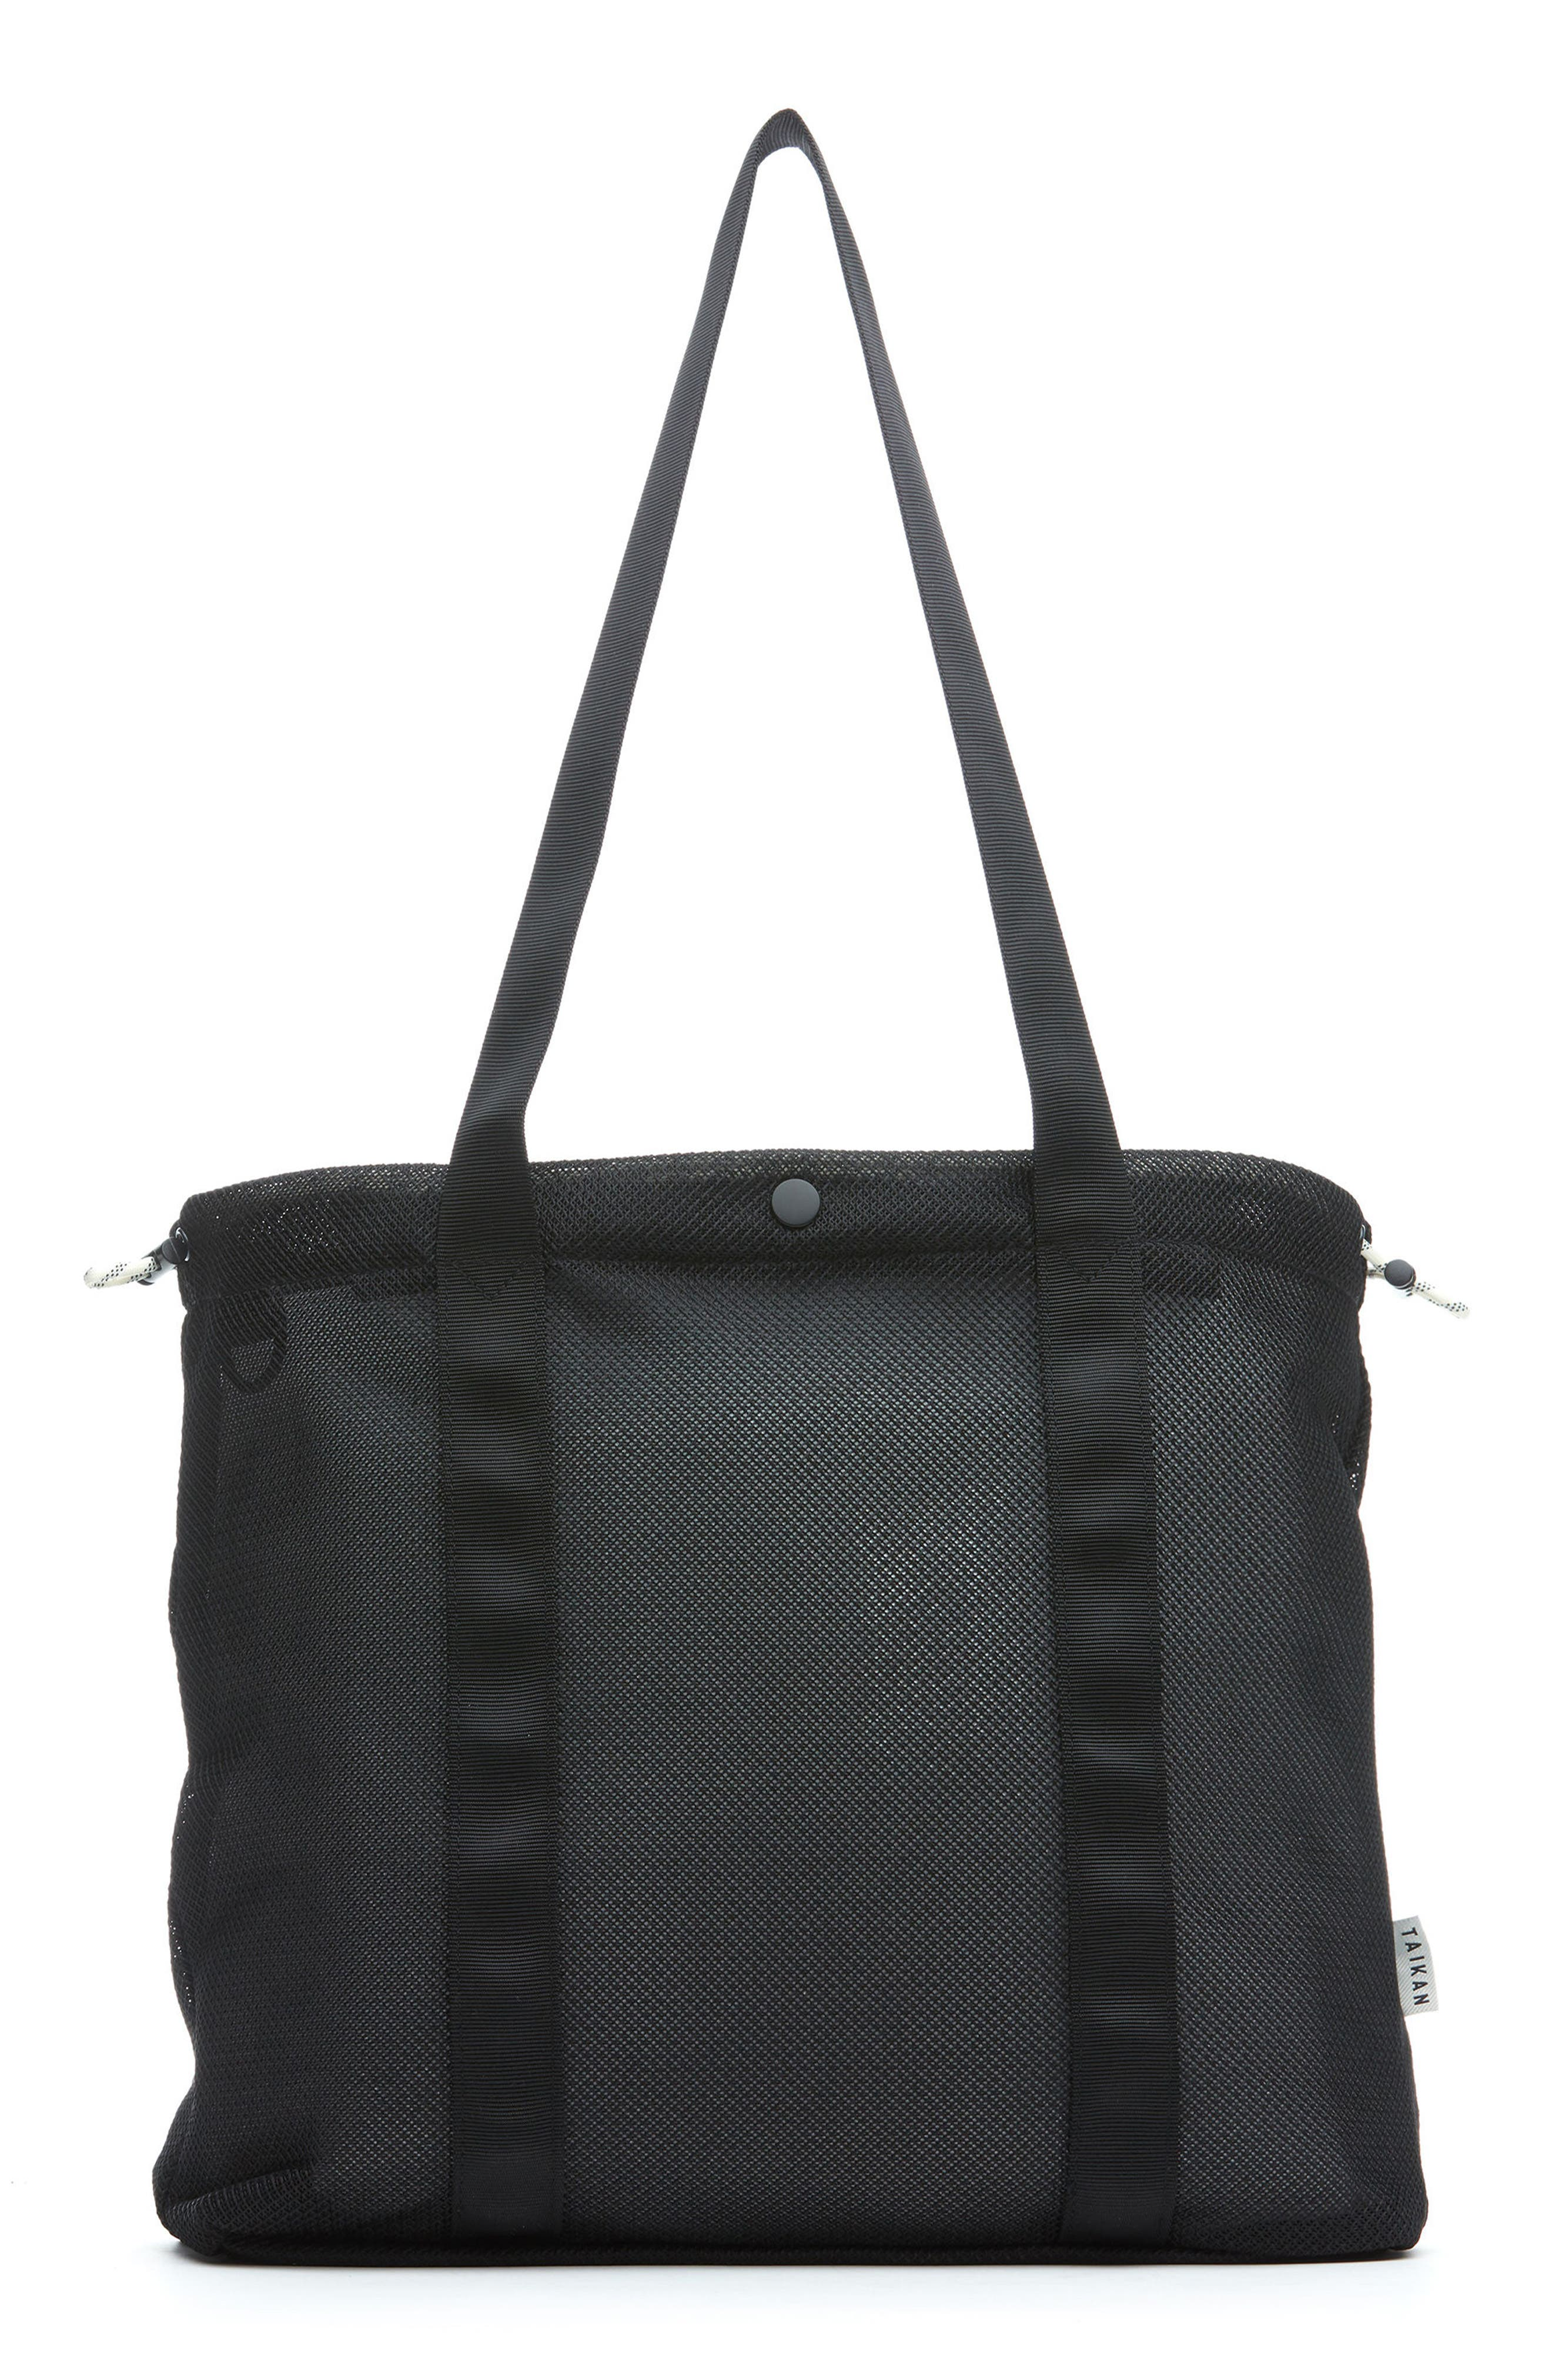 Flanker Mesh Tote Bag,                         Main,                         color, Black Mesh